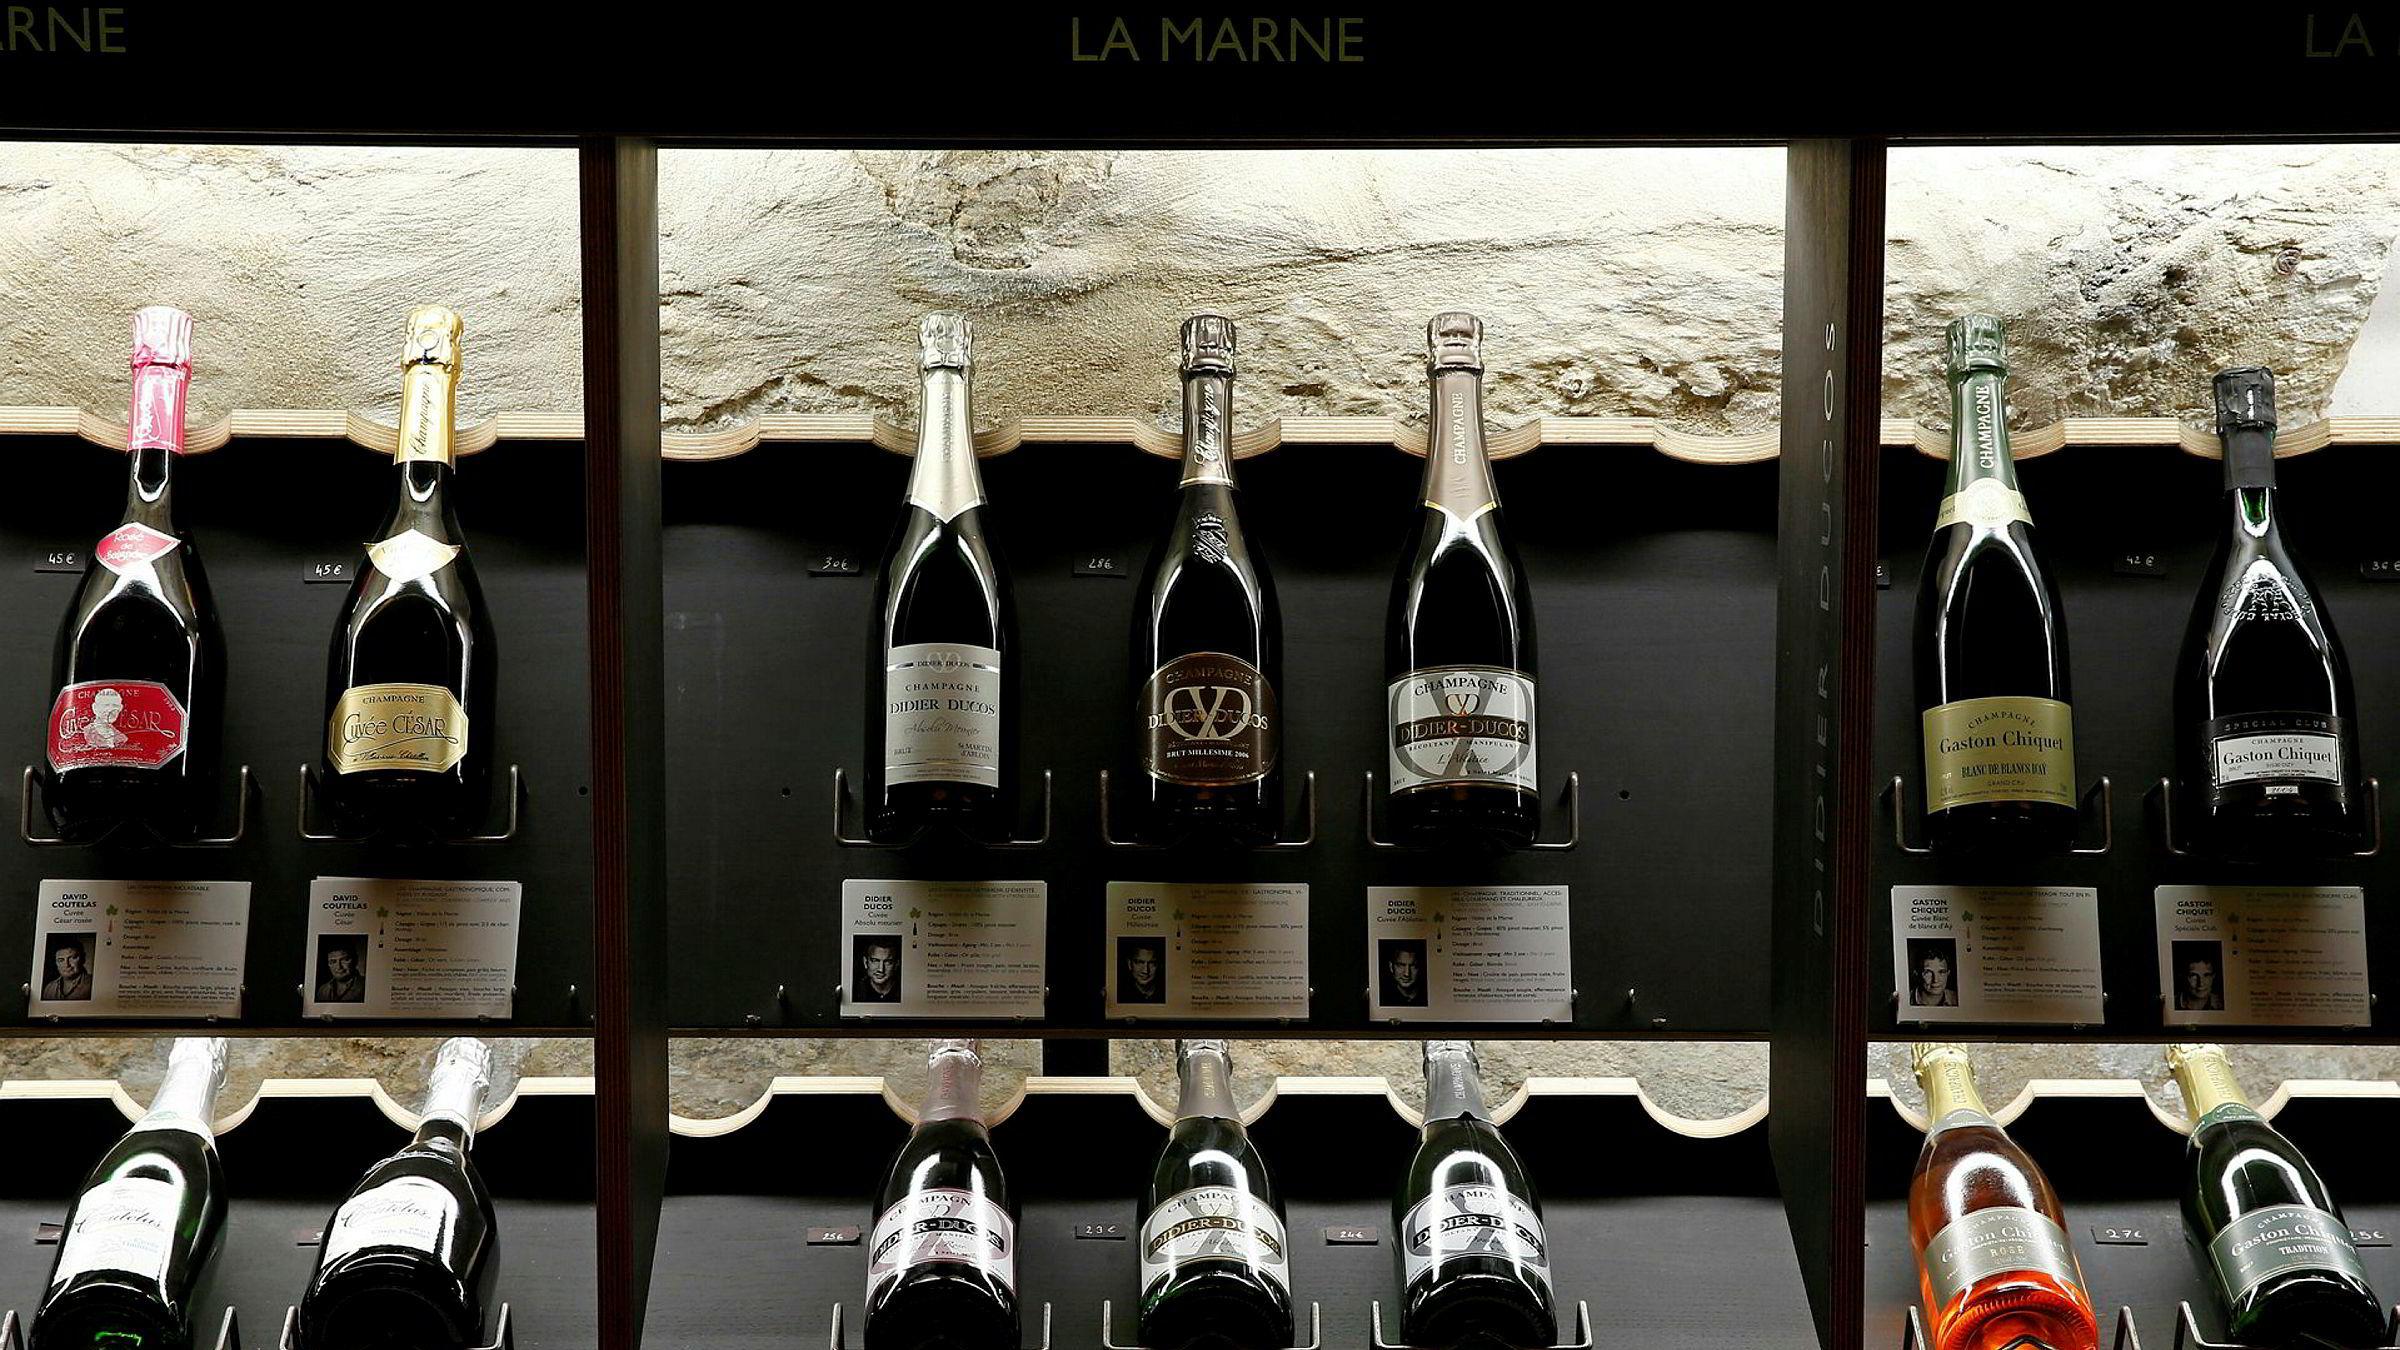 Presidentene Emmanuel Macron og Donald Trump er enige om å gi forhandlingene en ny sjanse for å finne en løsning innenfor det internasjonale rammeverket og unngå en handelskrig. USA har truet med straffetoll på blant annet fransk vin og champagne.